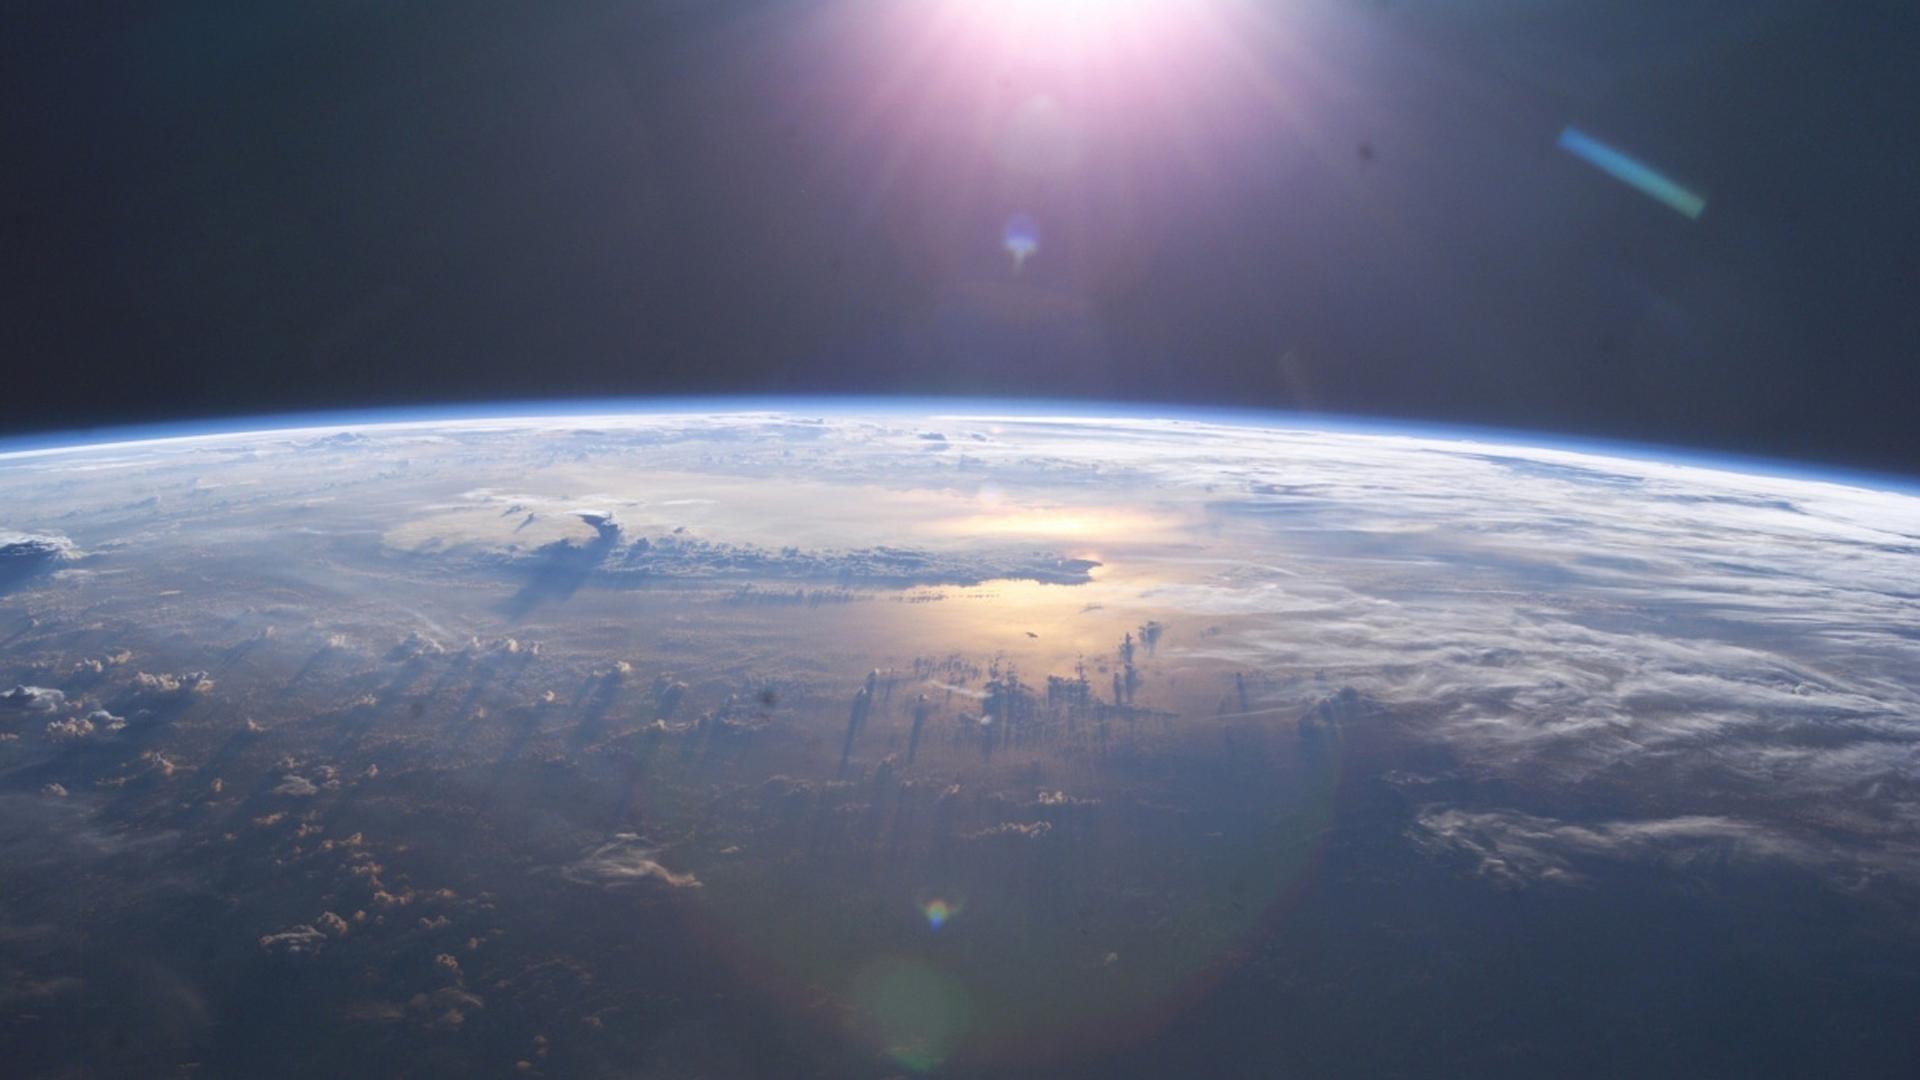 Teil-1-BG-Erde-Wolken